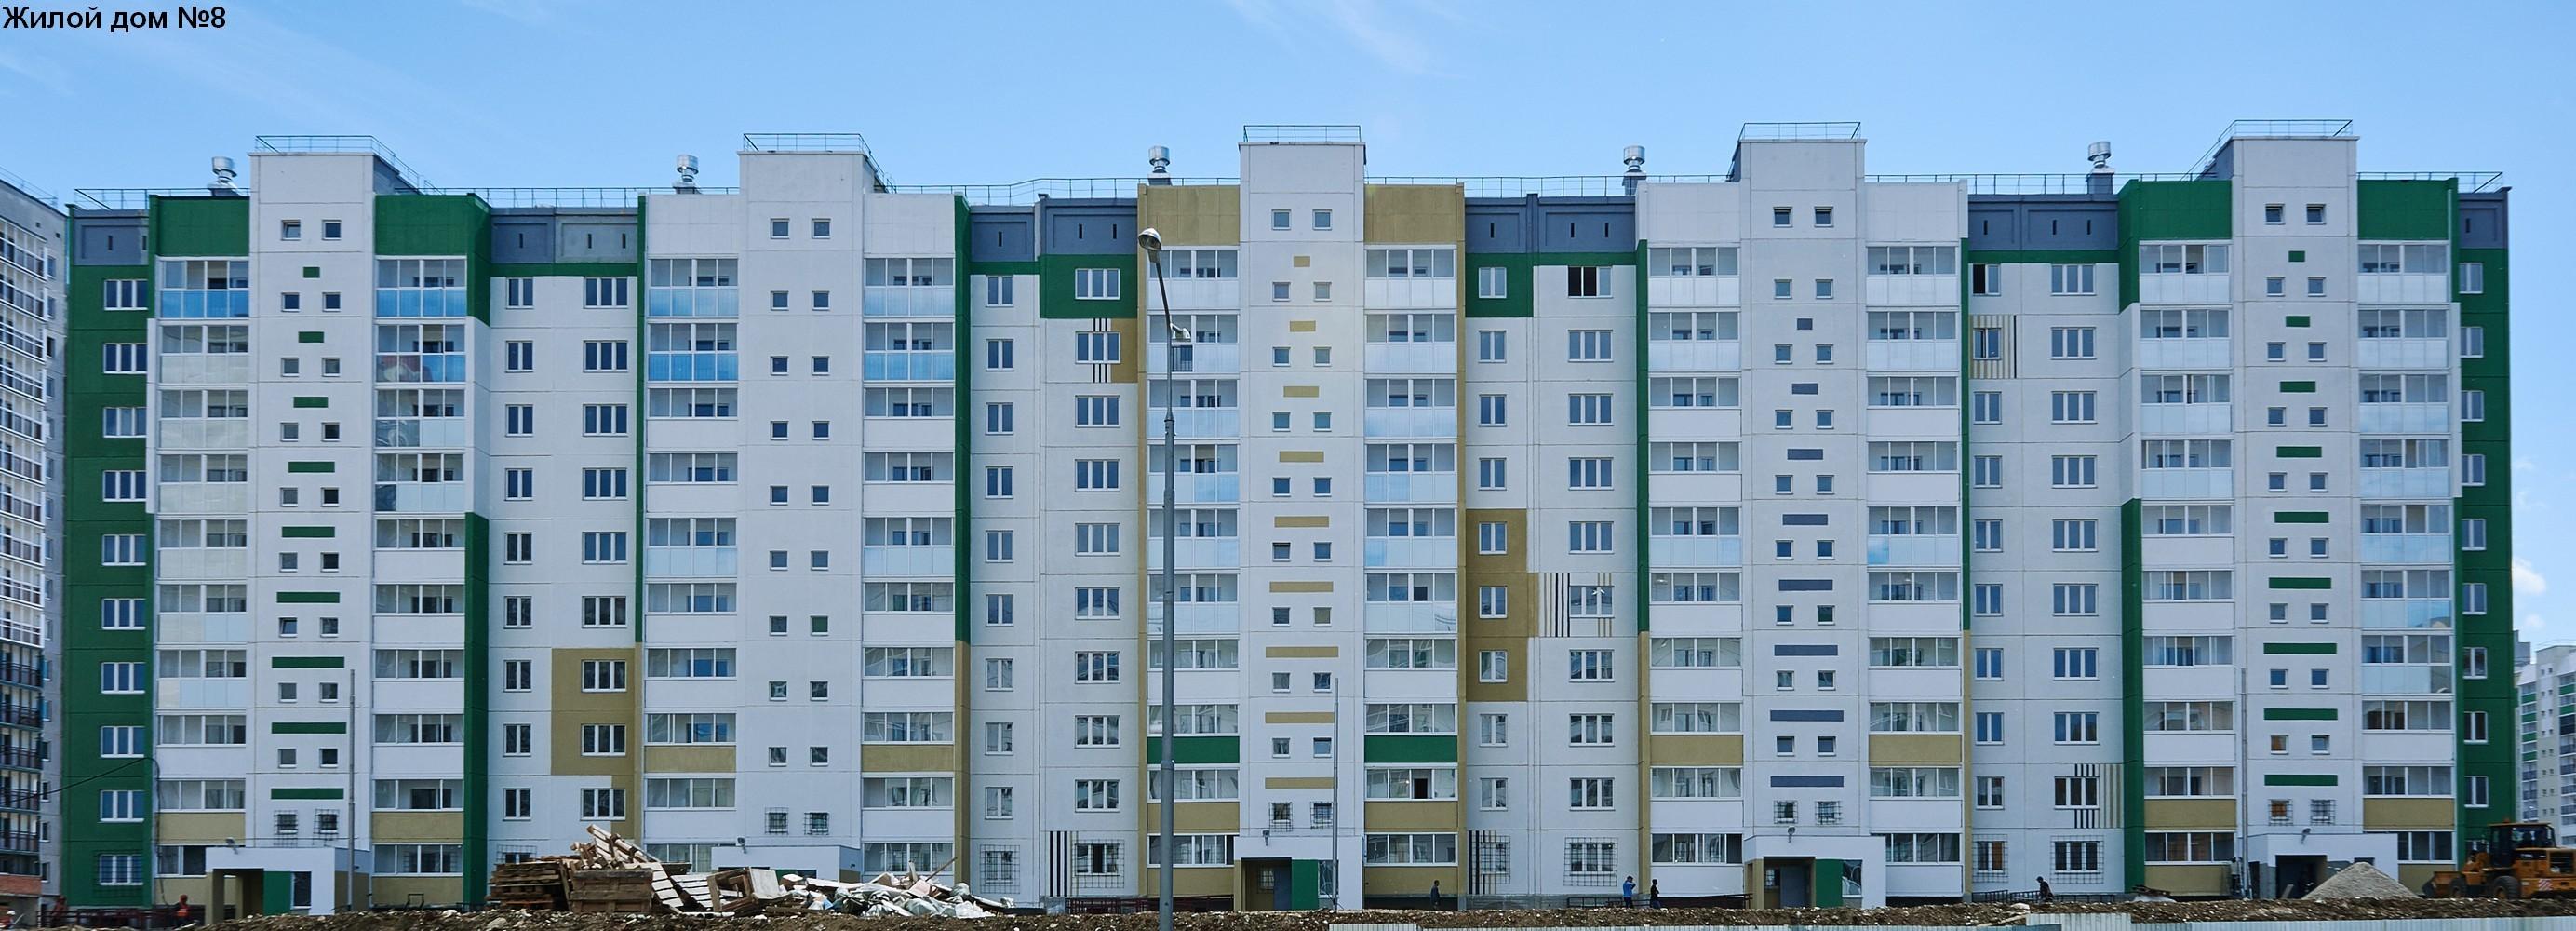 Панельные дома новостройки 1 фотография